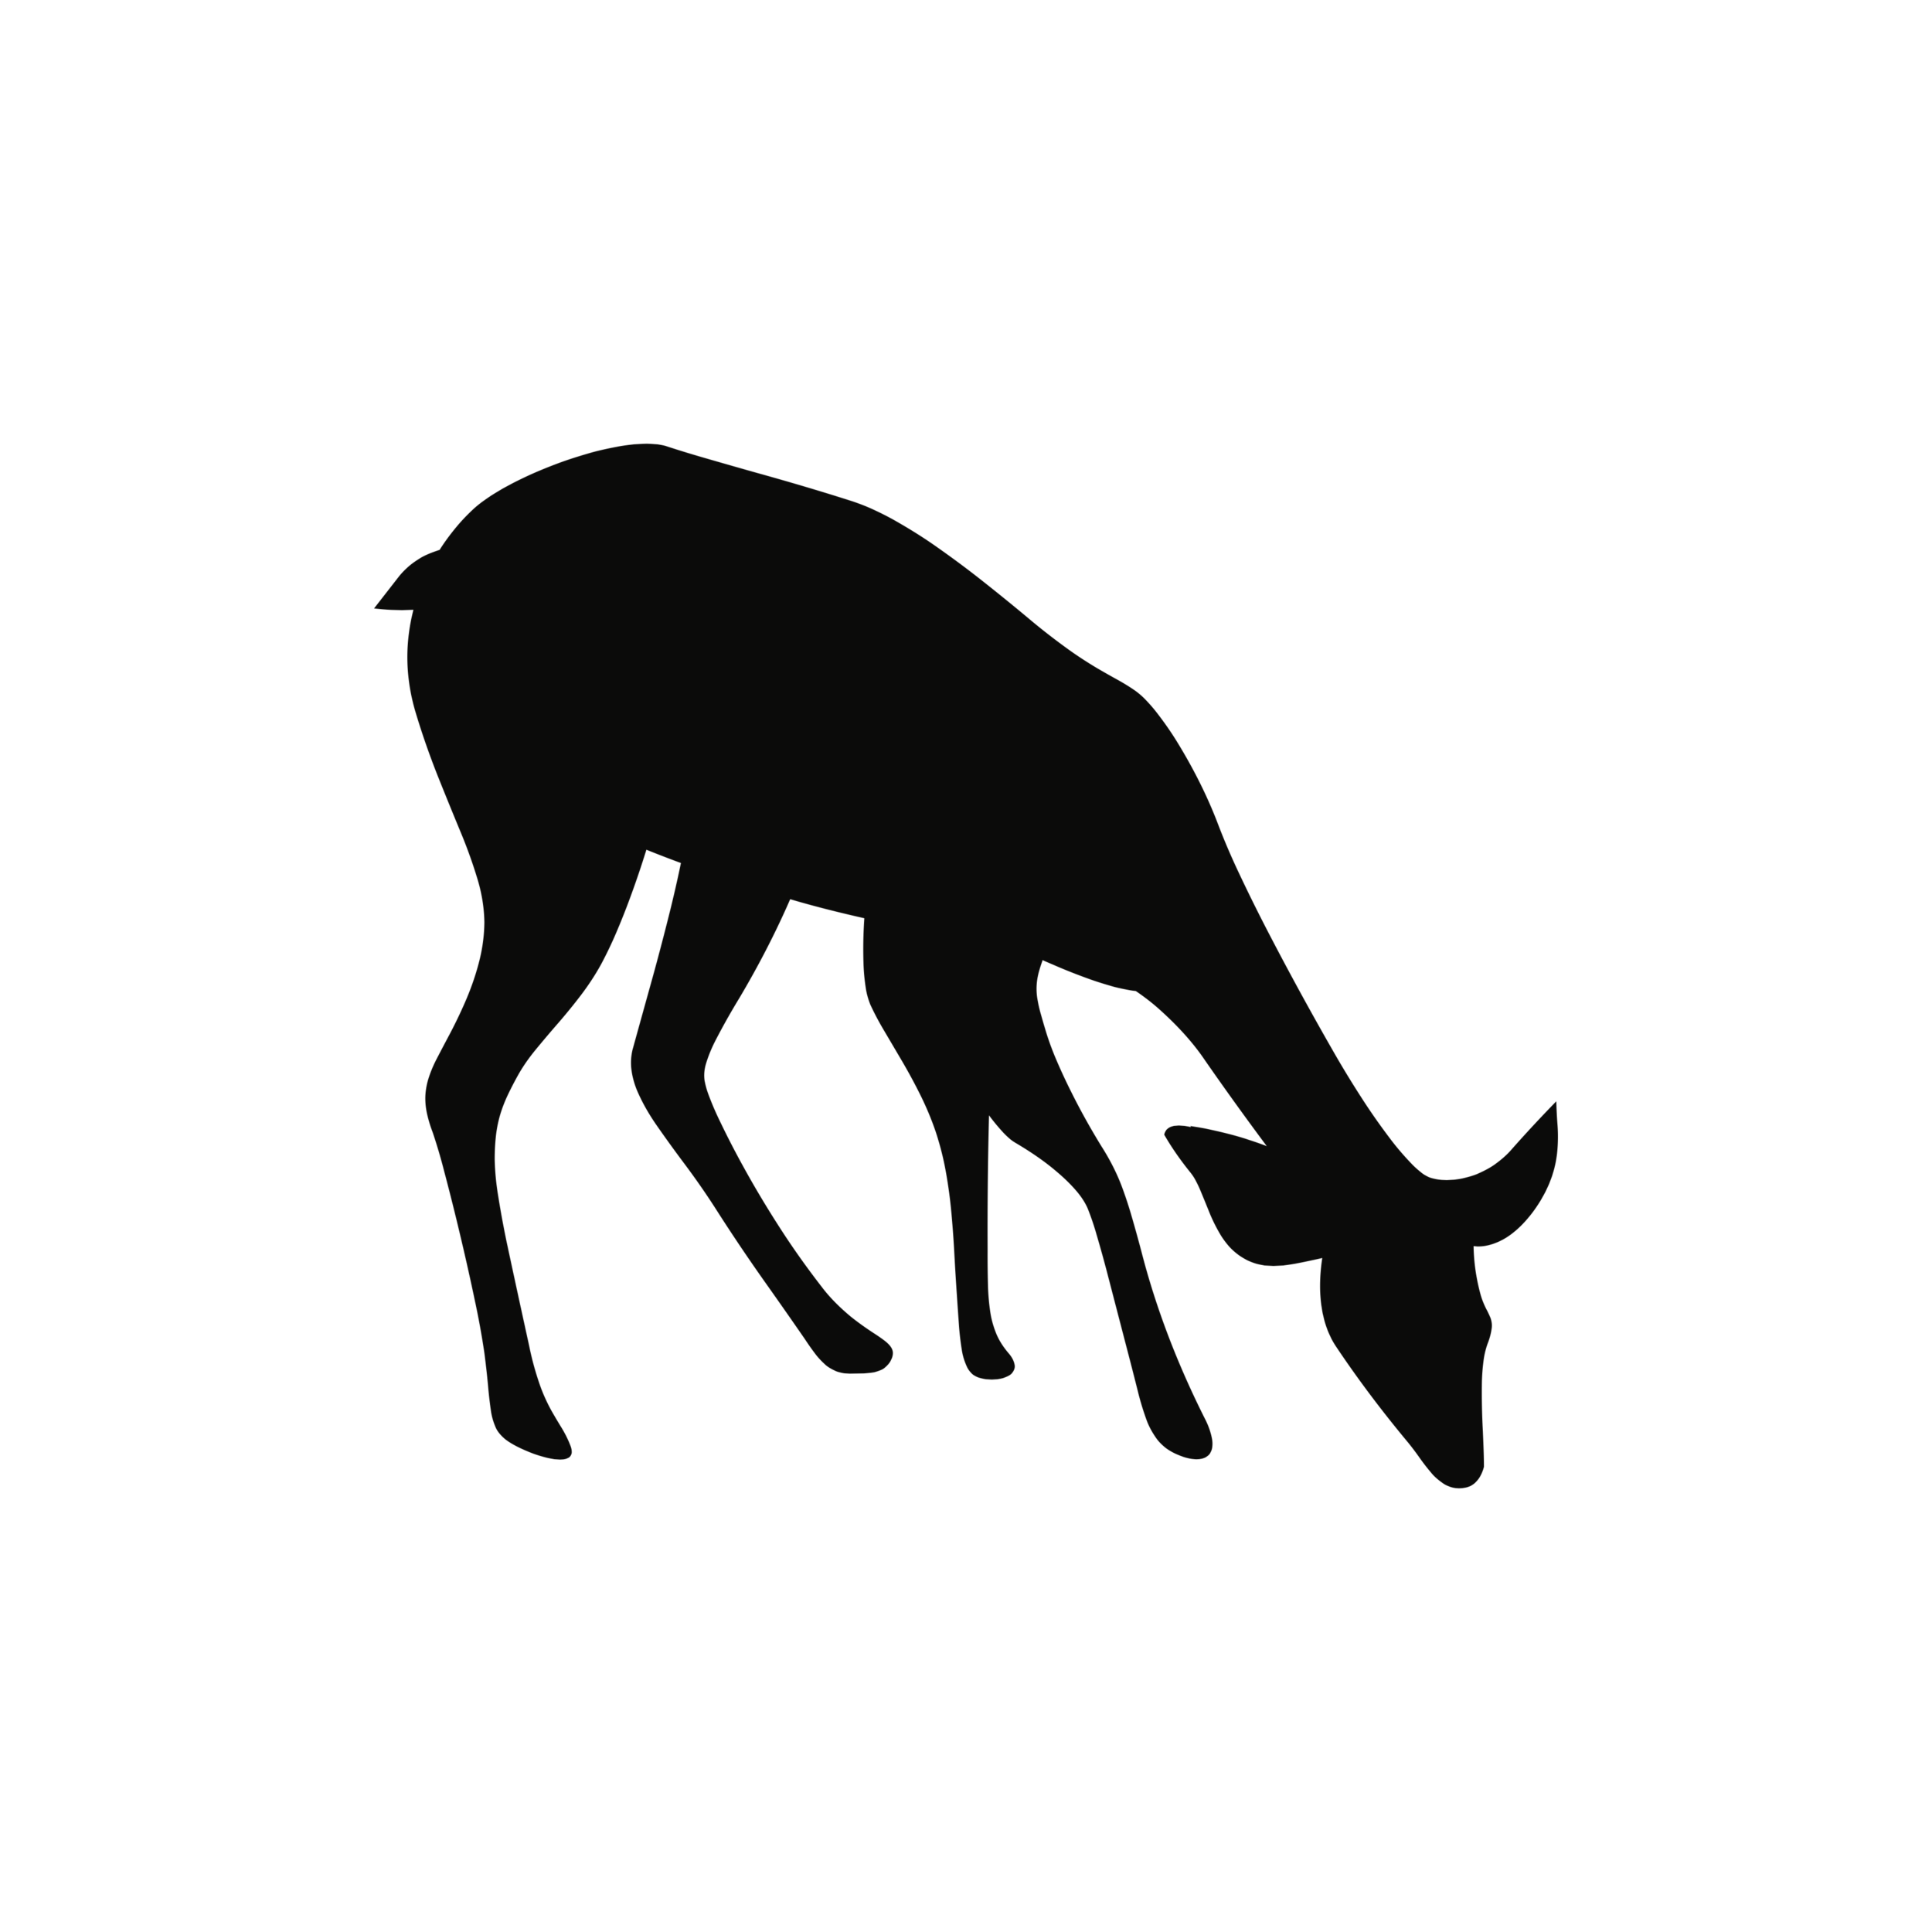 noun_Deer_671375.png